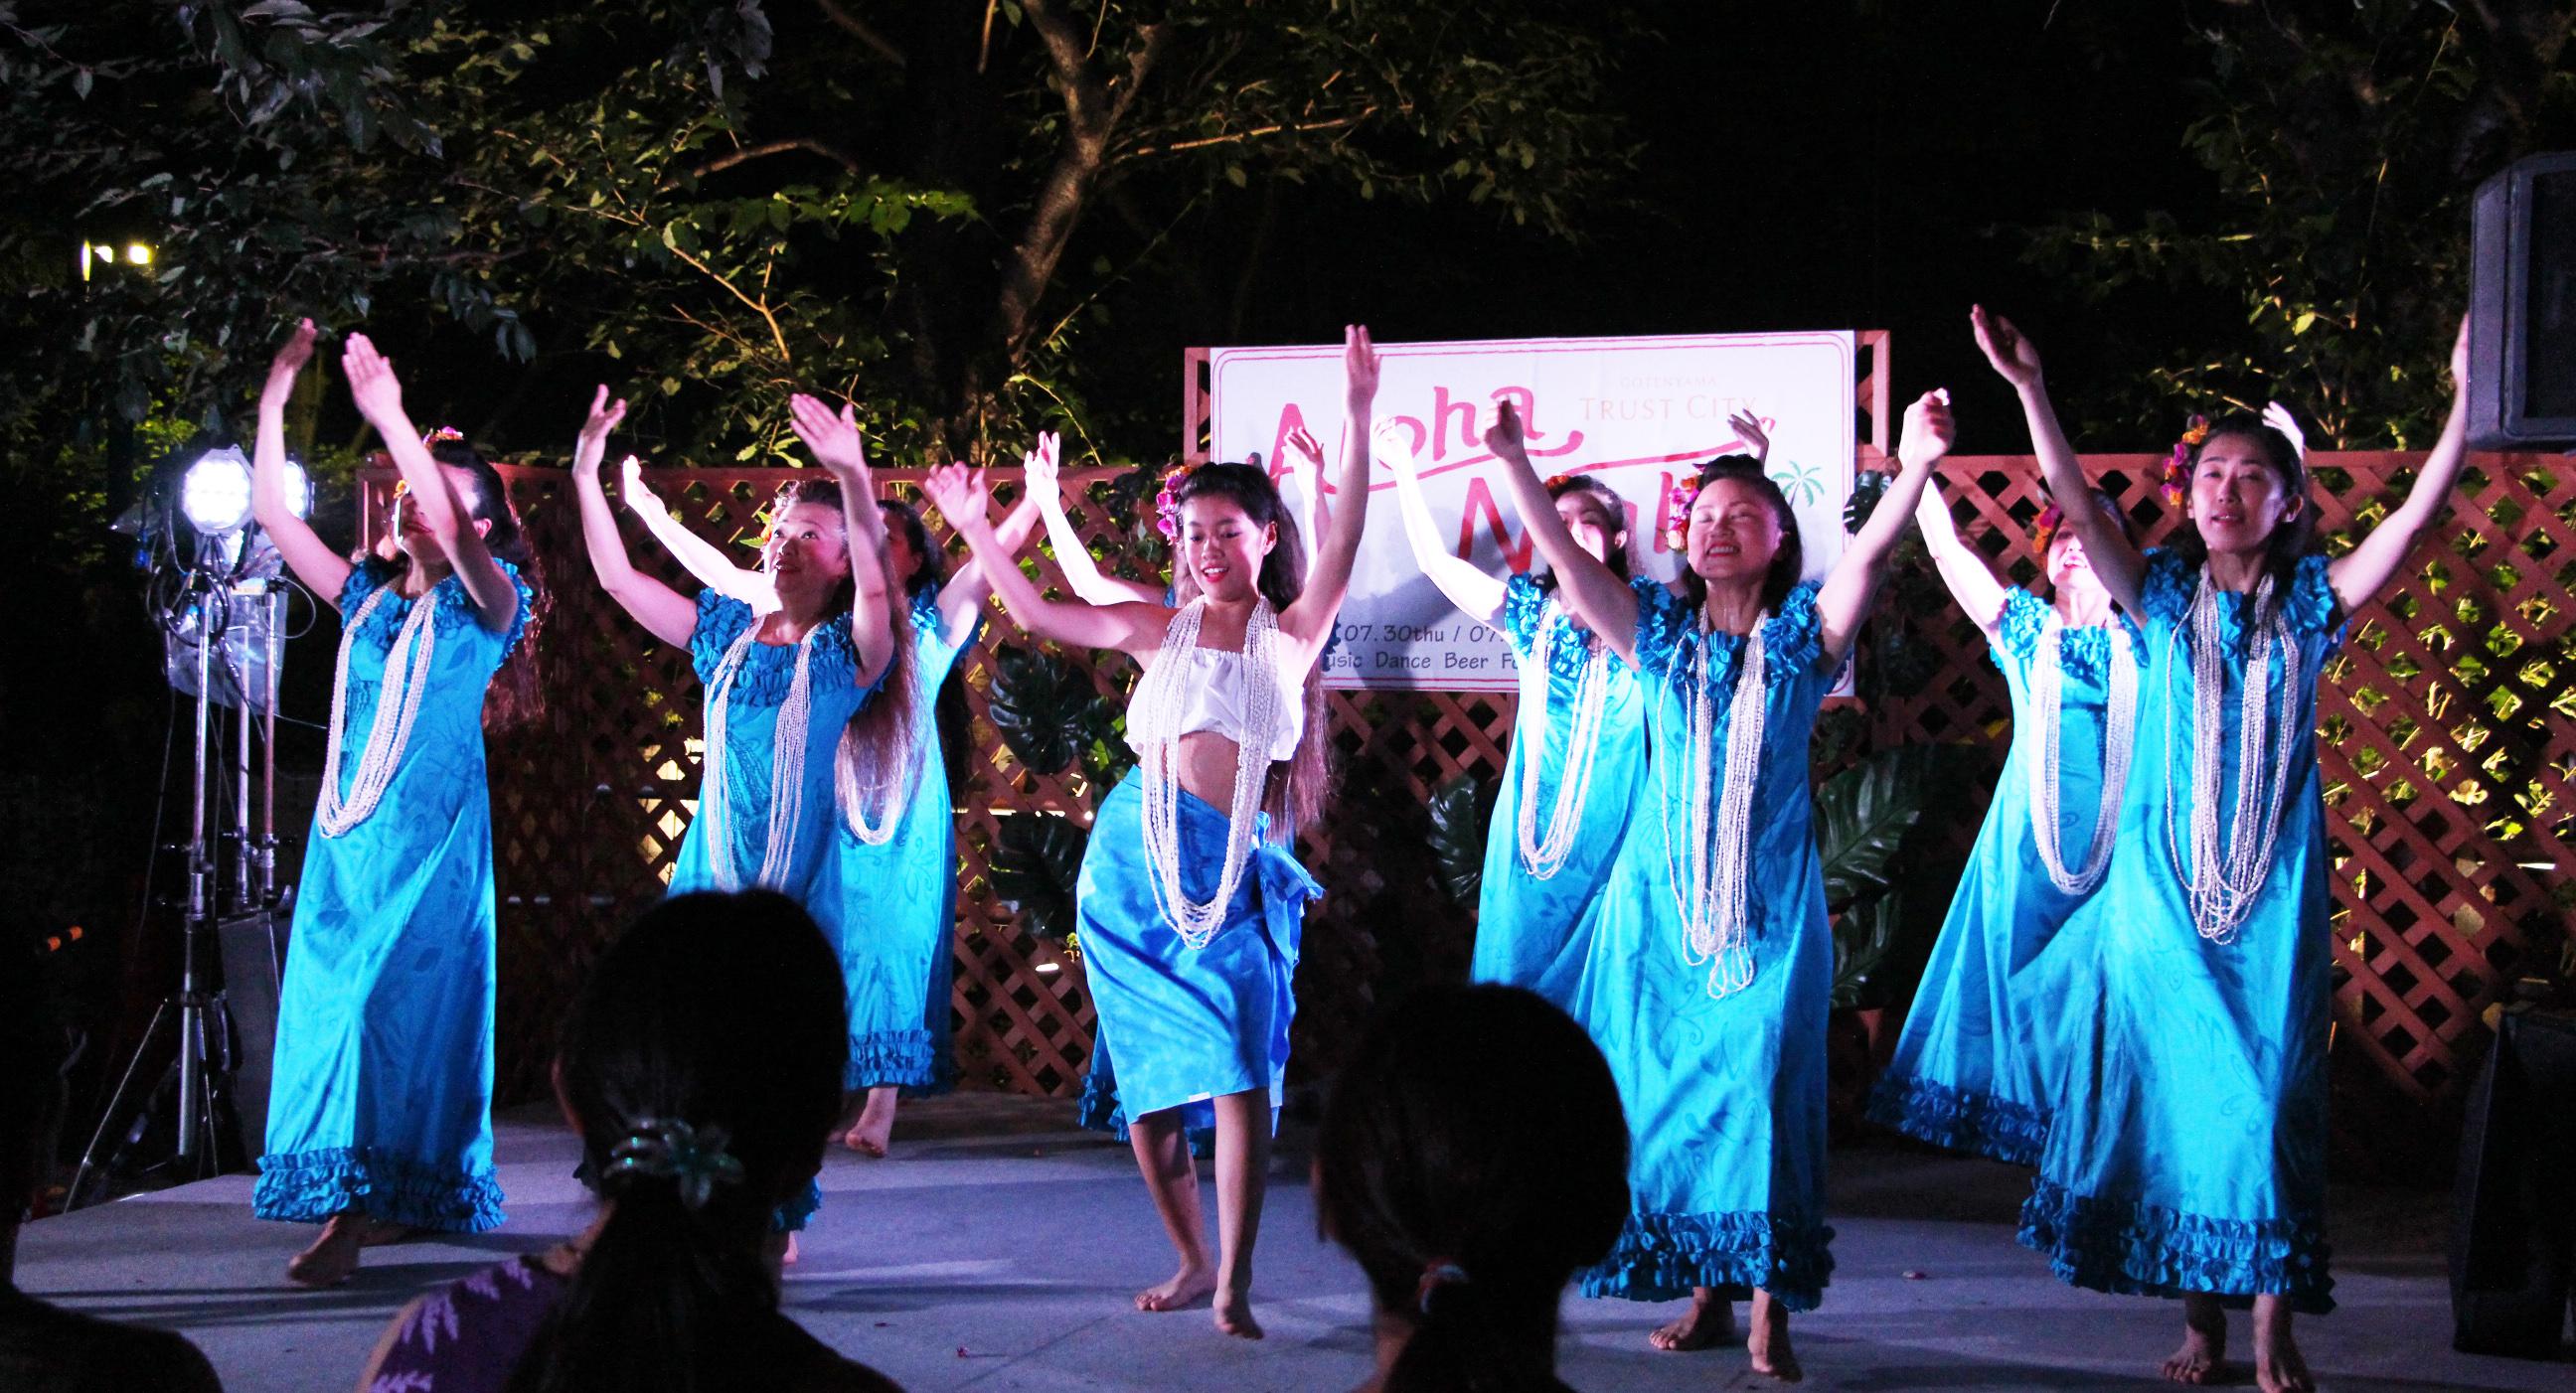 御殿山トラストシティの夏祭り「Aloha Gotenyama 2016」7/28-30の3日間開催!